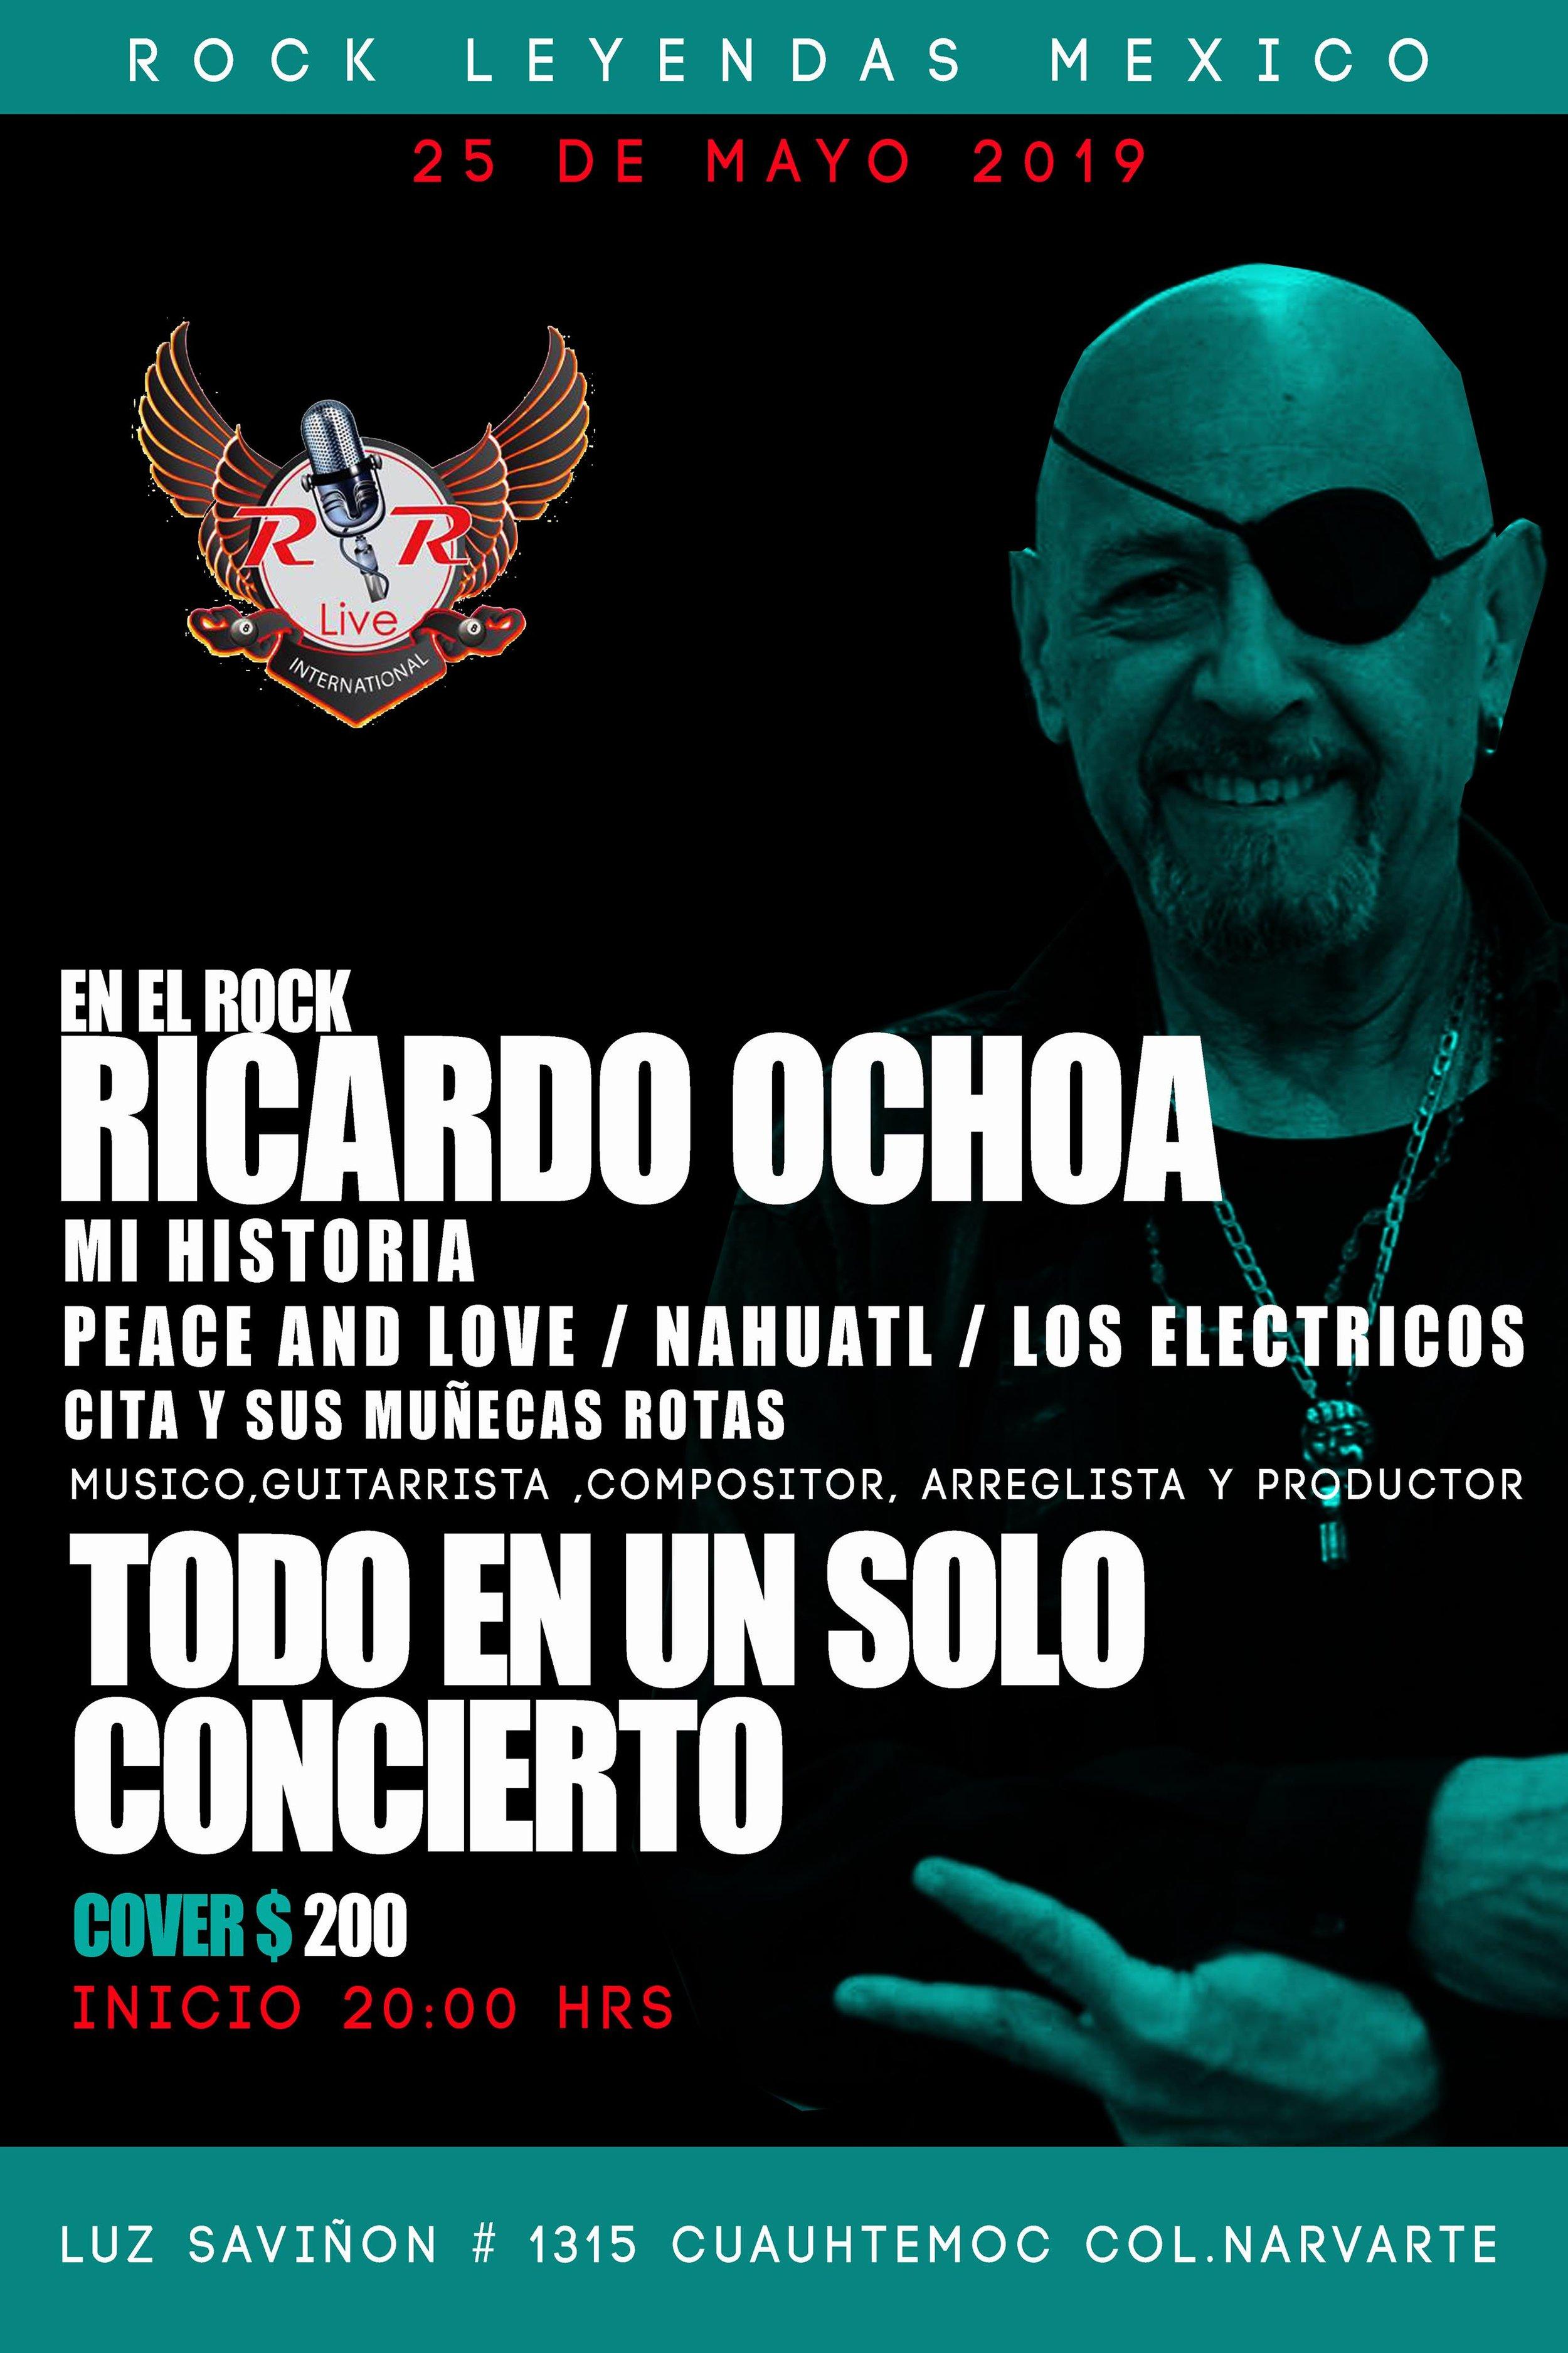 RICARDO OCHOA CONCIERTO HIT EVENTO.jpg